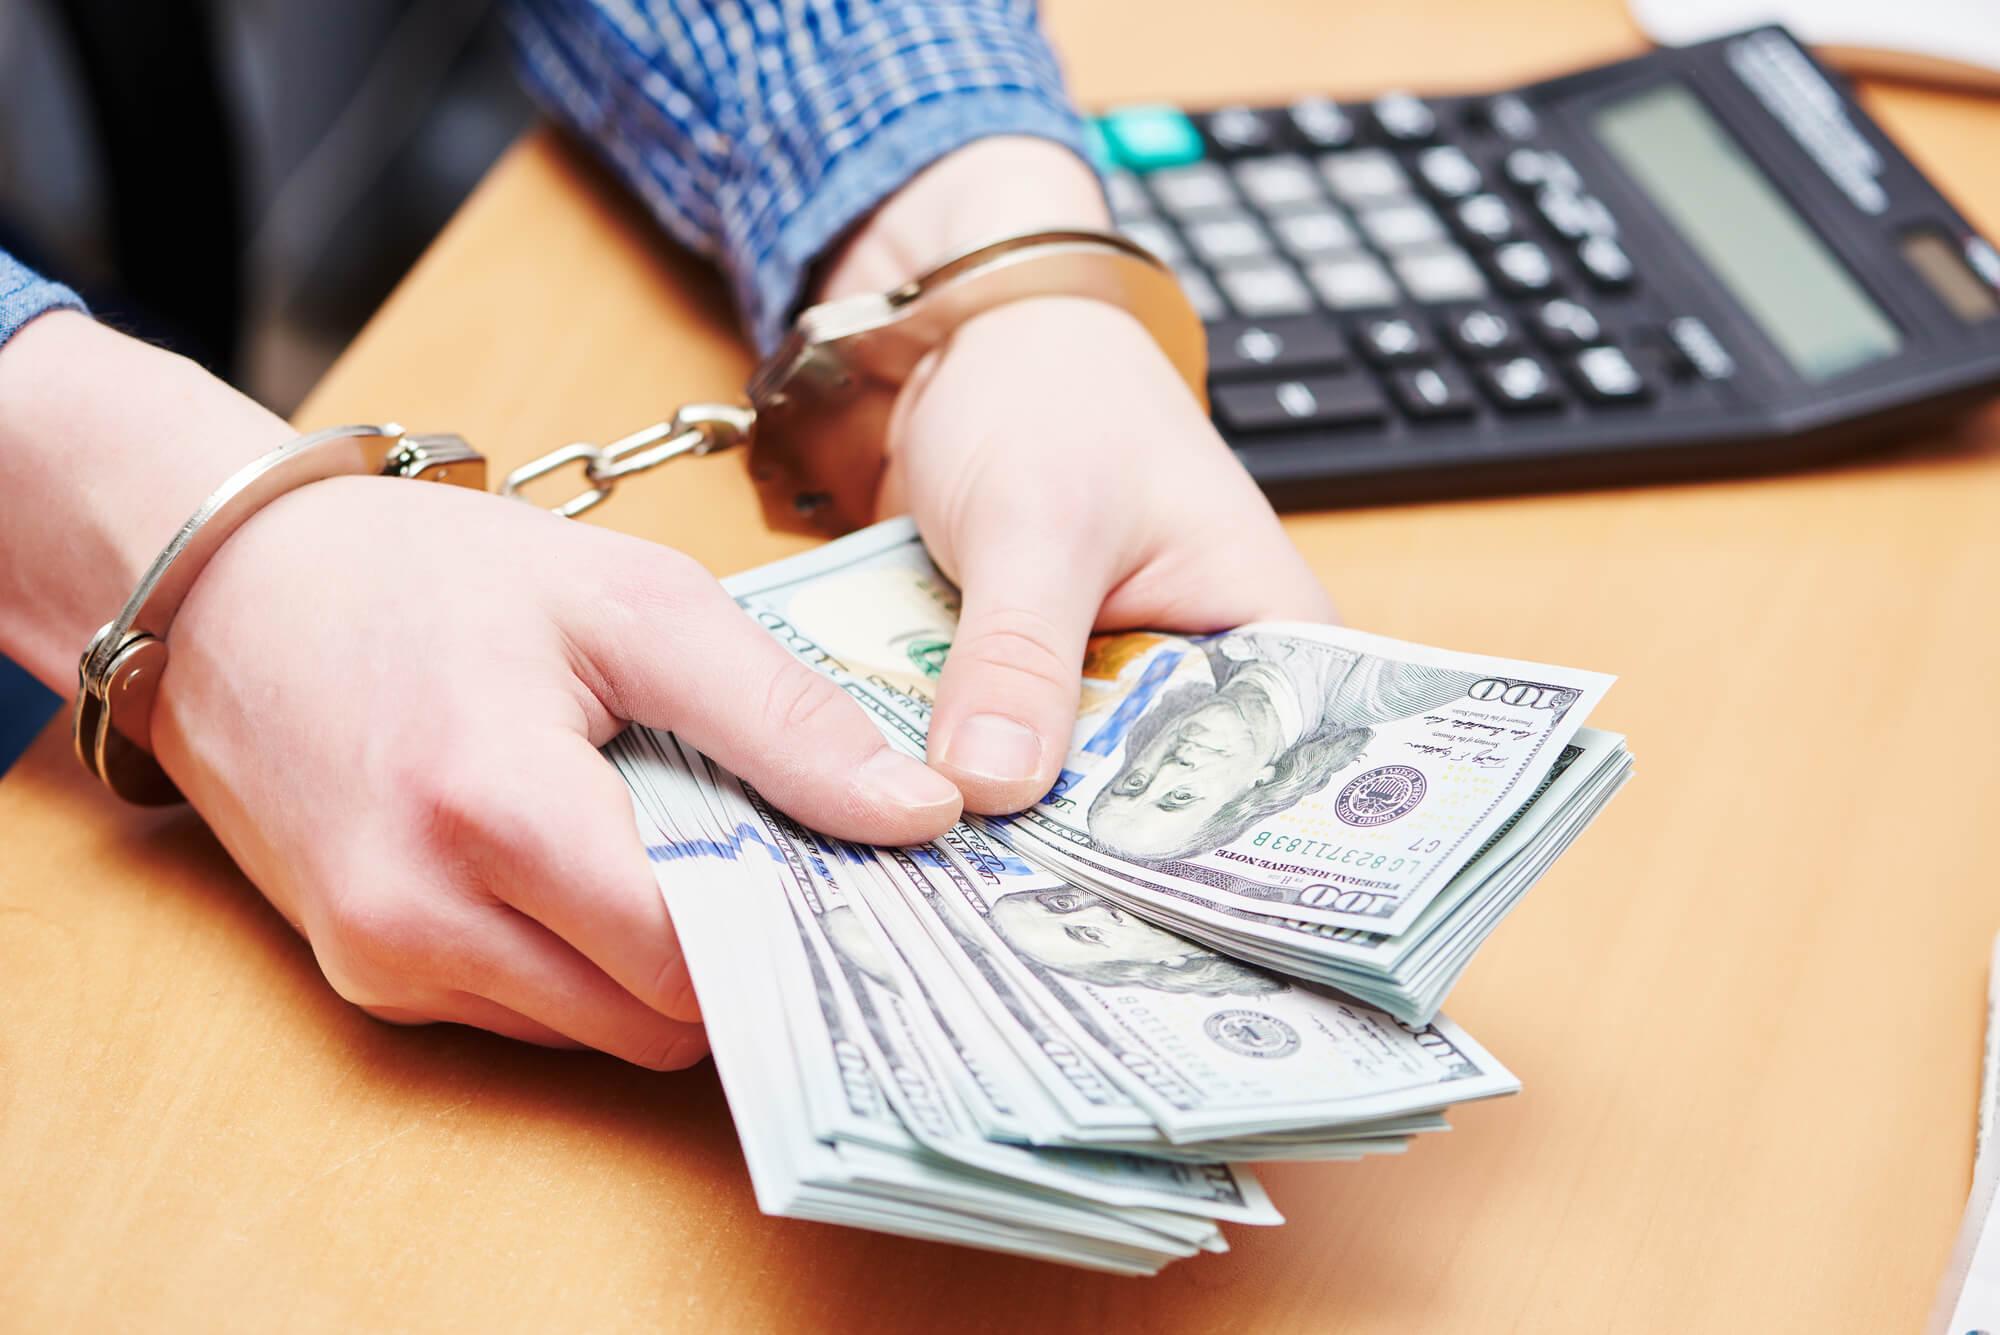 Extortion Las Vegas